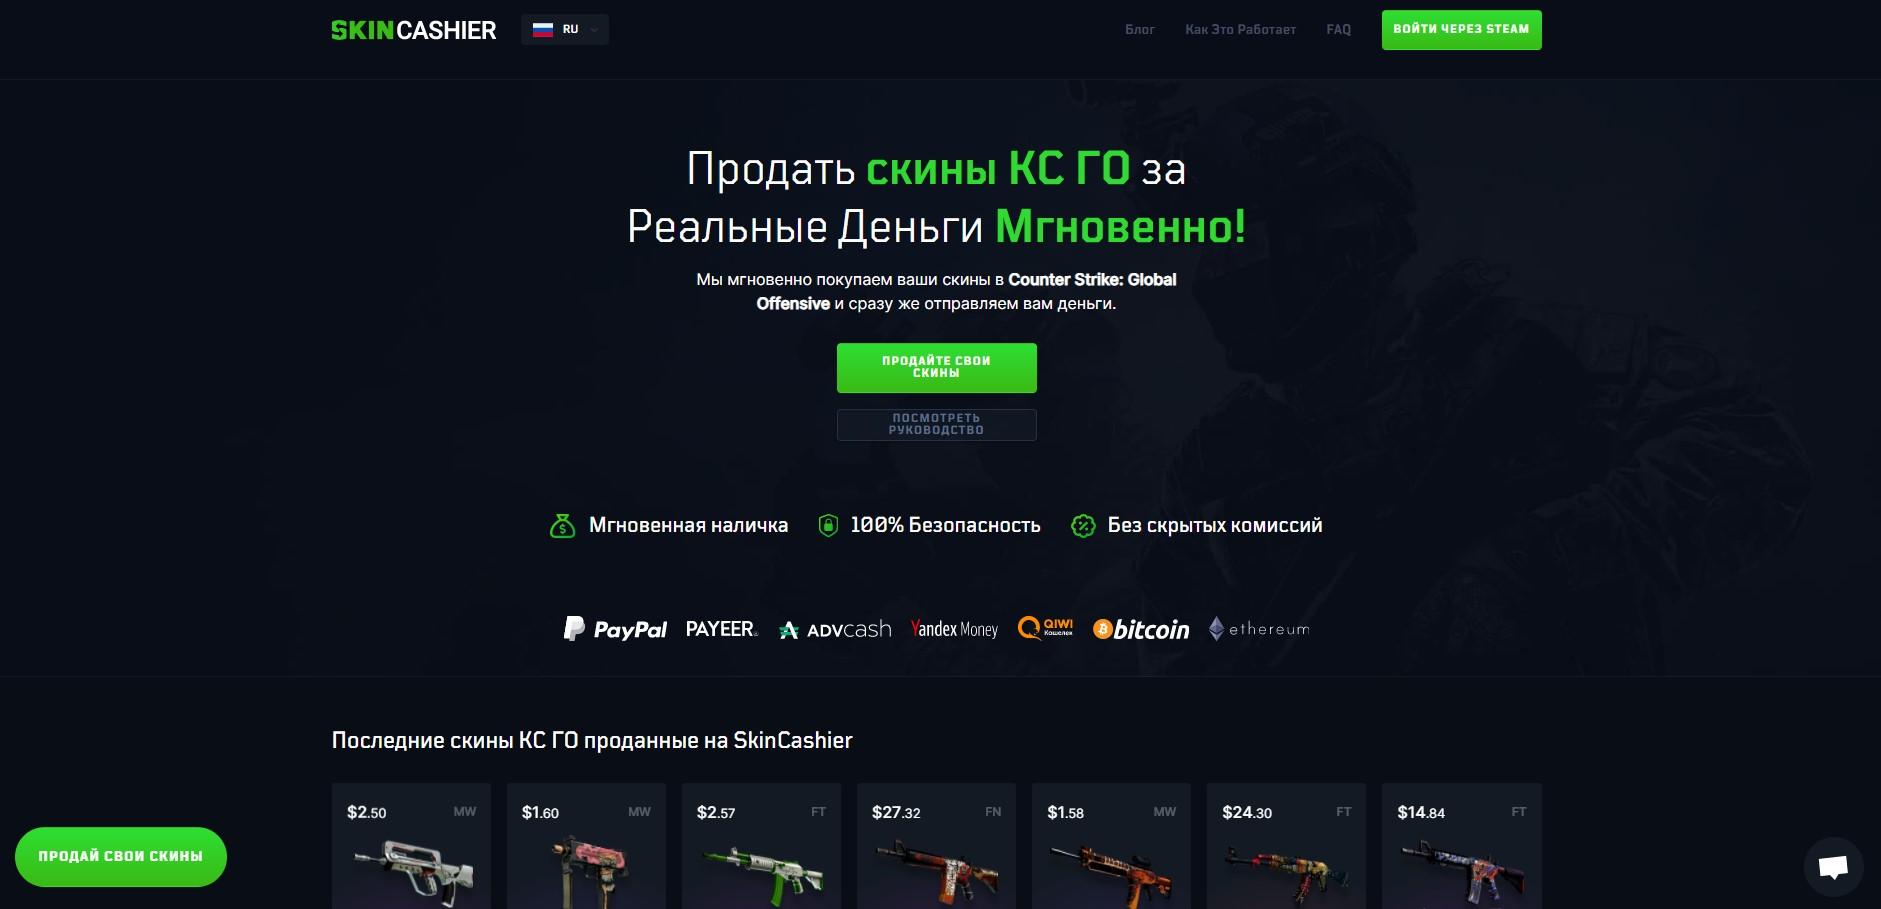 SkinCashier.com/ru - Продавайте скины КС ГО за Реальные Деньги